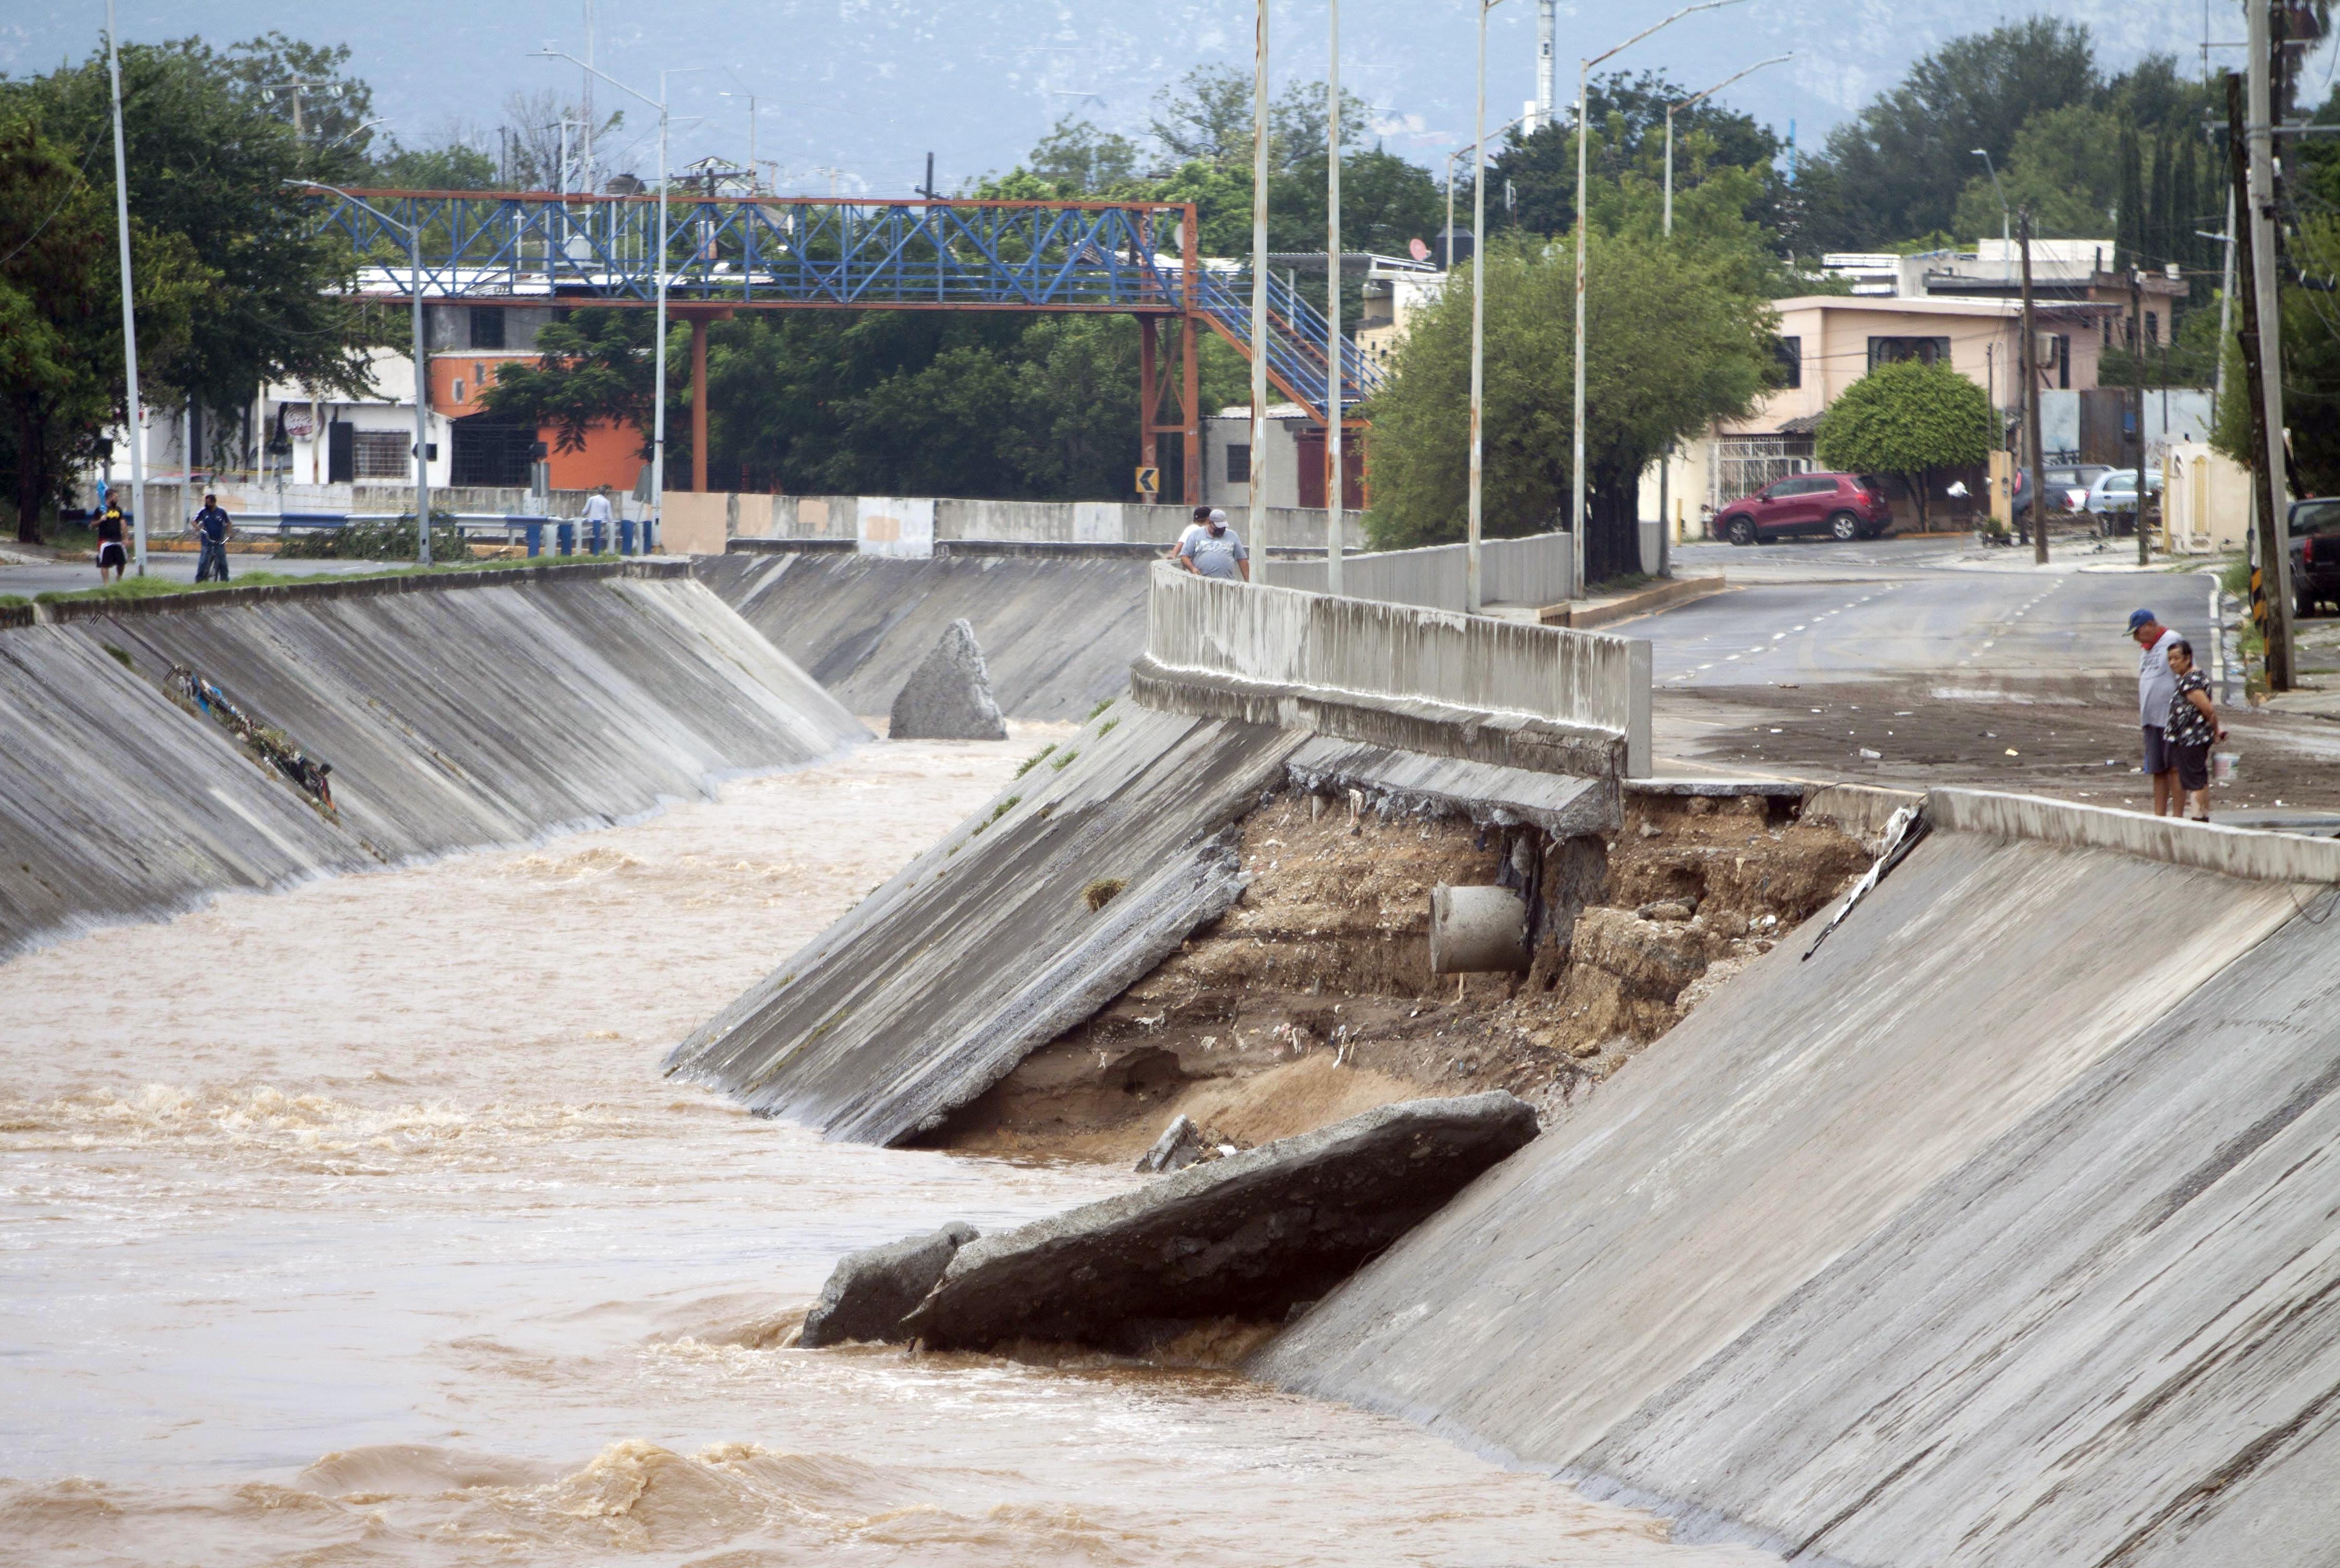 Vista de un deslizamiento de tierra a lo largo del canal Topo Chico después de las fuertes lluvias dejadas por la tormenta Hanna en el área metropolitana de Monterrey, estado de Nuevo León, México, el 27 de julio de 2020.